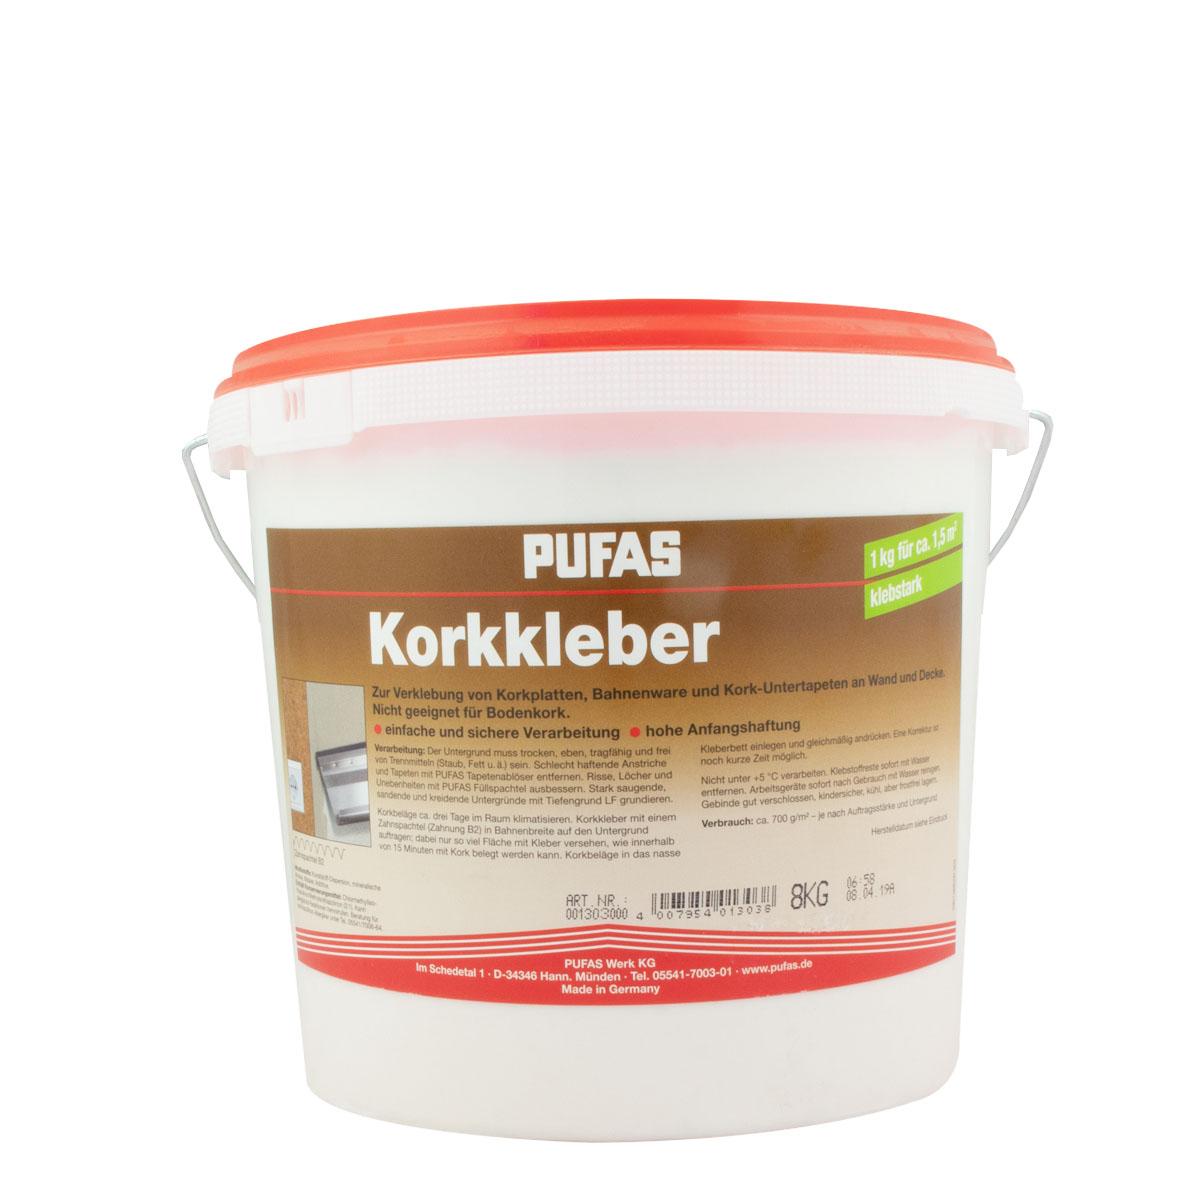 Pufas Korkkleber 4kg, gebrauchsfertiger Dispersionskleber